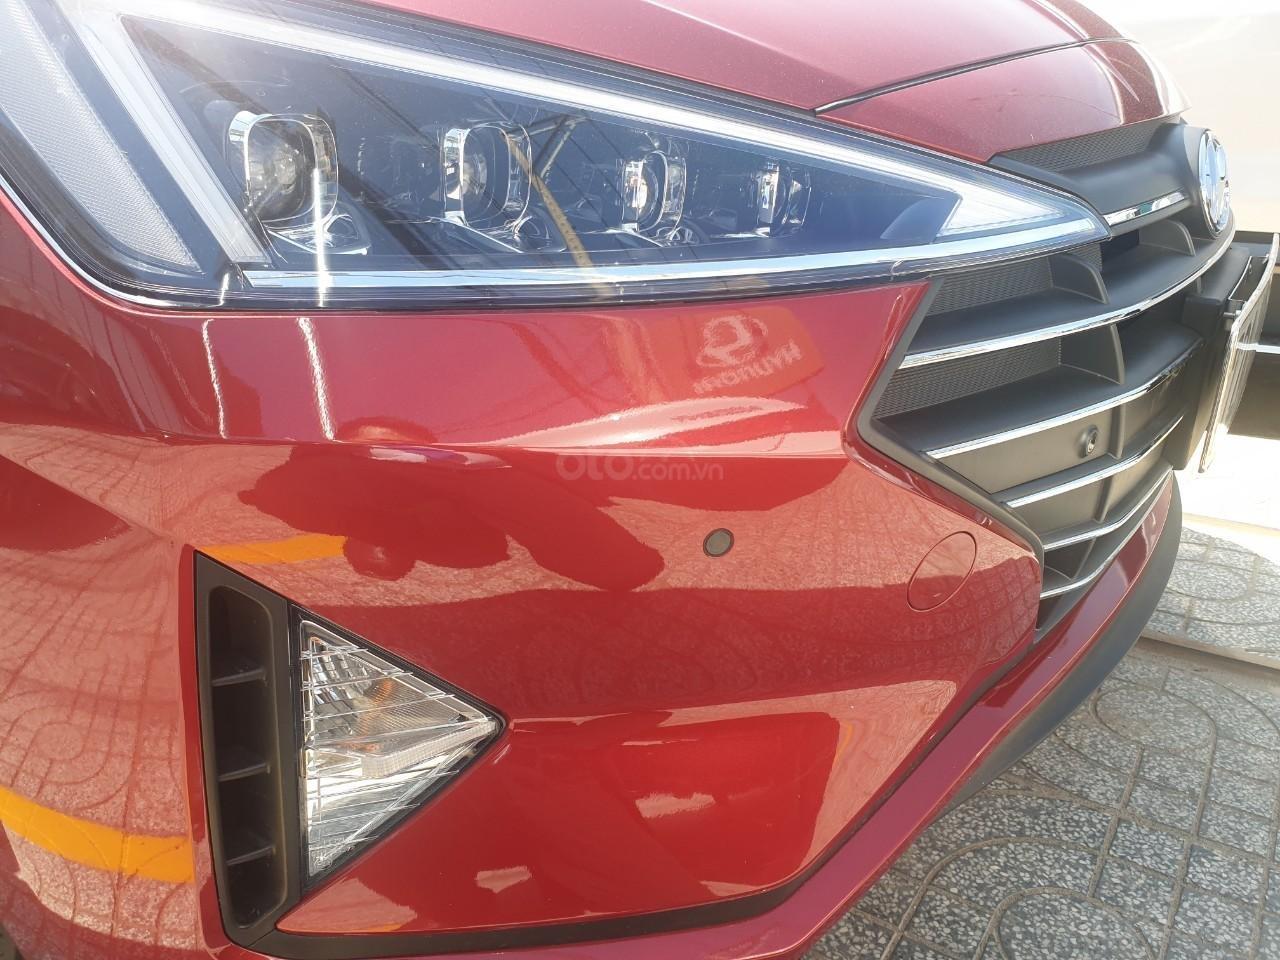 Hyundai Elantra 2.0 ĐB sản xuất 2019, đủ màu giao ngay liên hệ Mr. Quang 0936167272 (5)